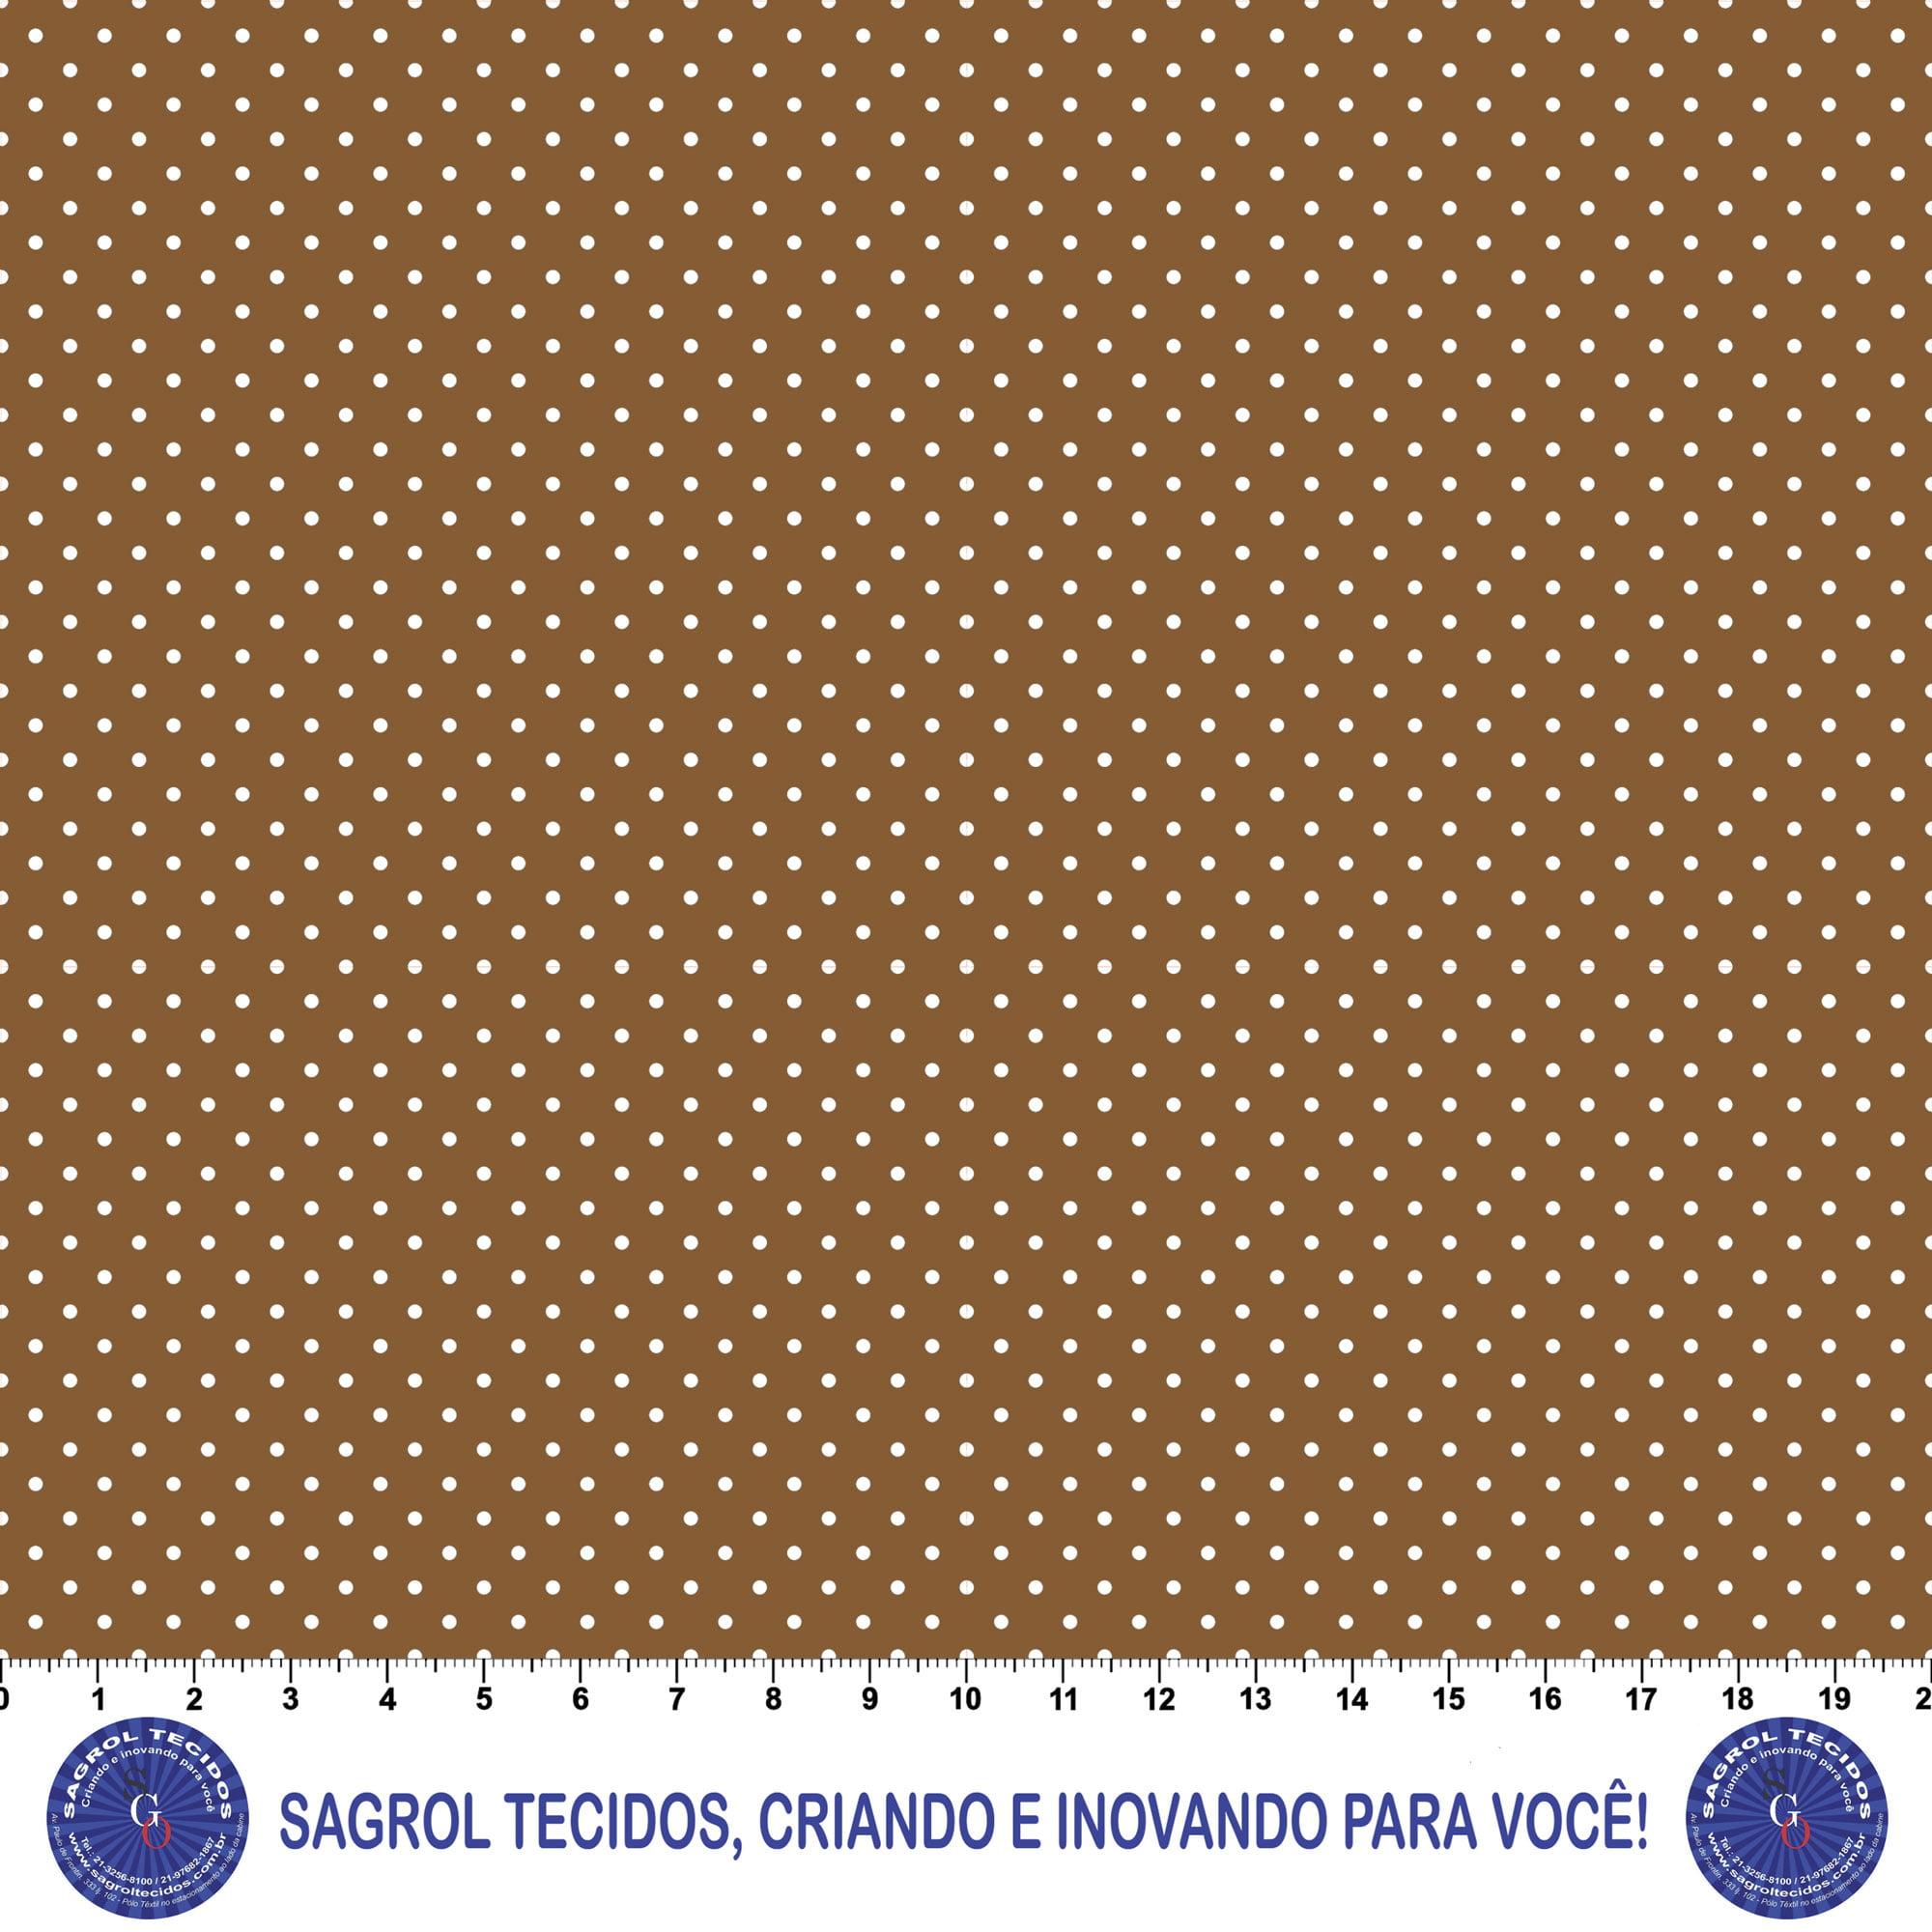 TECIDO TRICOLINE ESTAMPA POÁ ALFINETE 100% ALGODÃO COM 1,50 LG 5FD8F6870846B